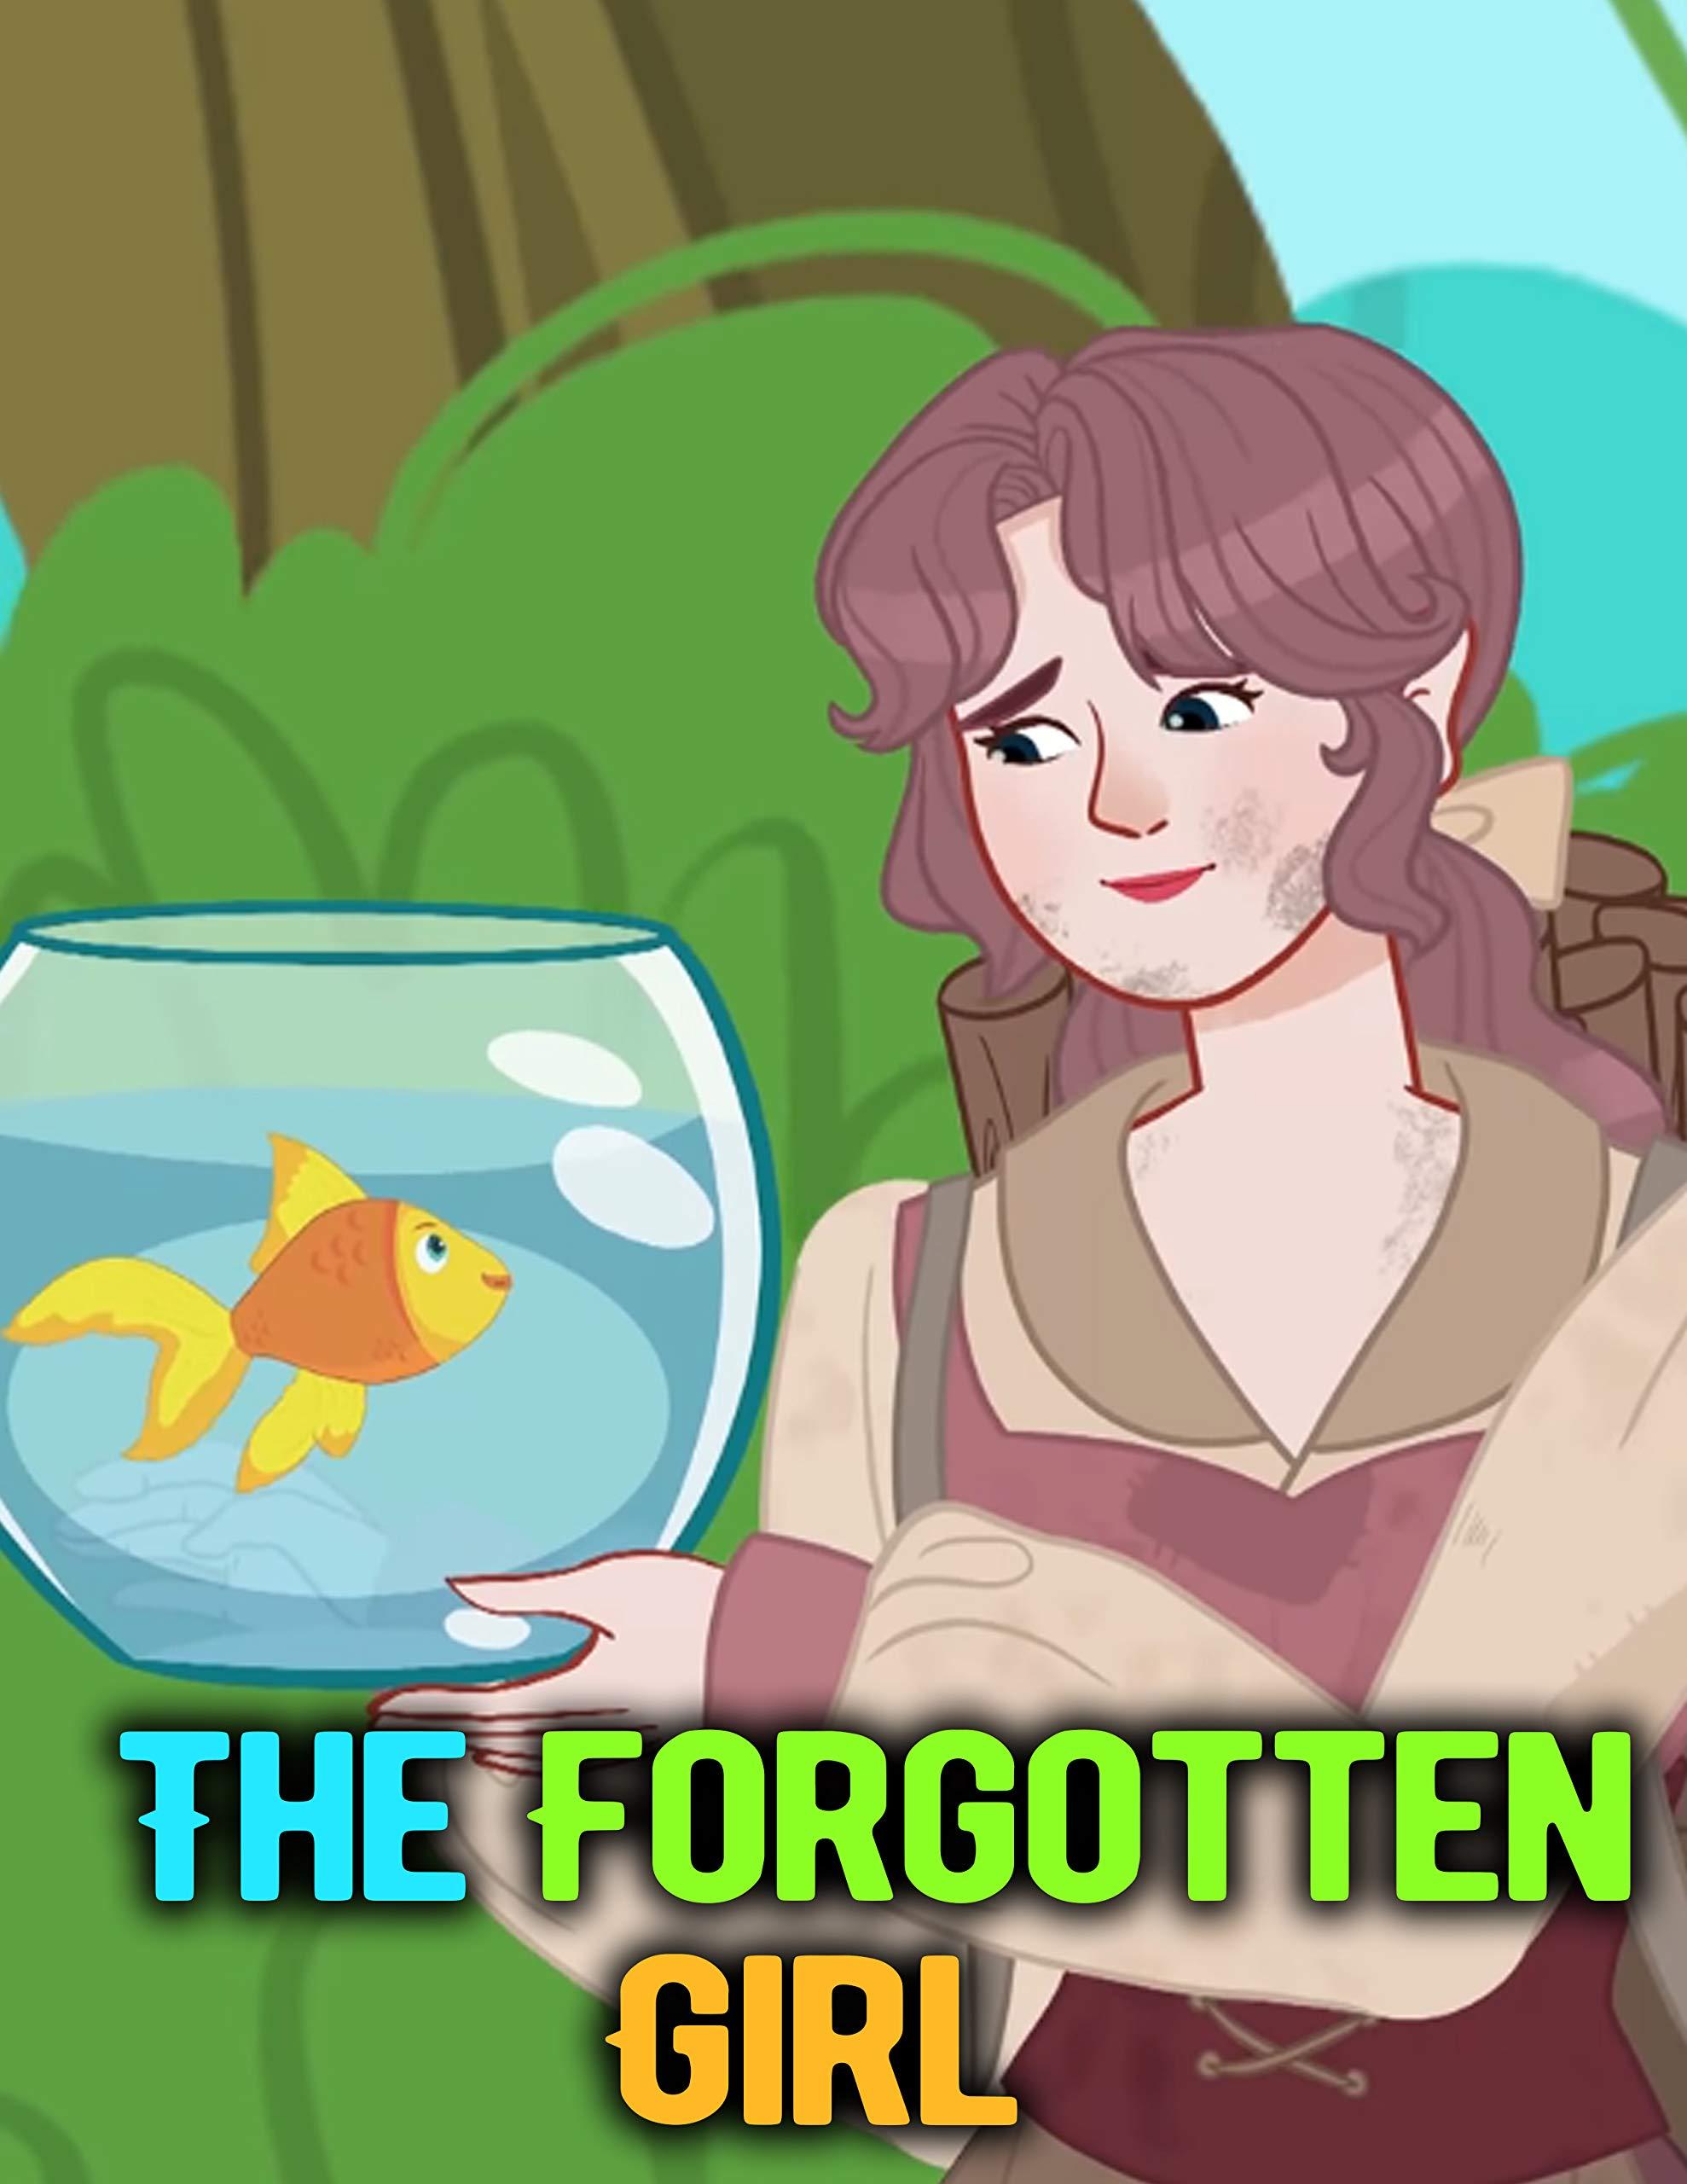 The Forgotten Girl: Bedtime Stories For Kids